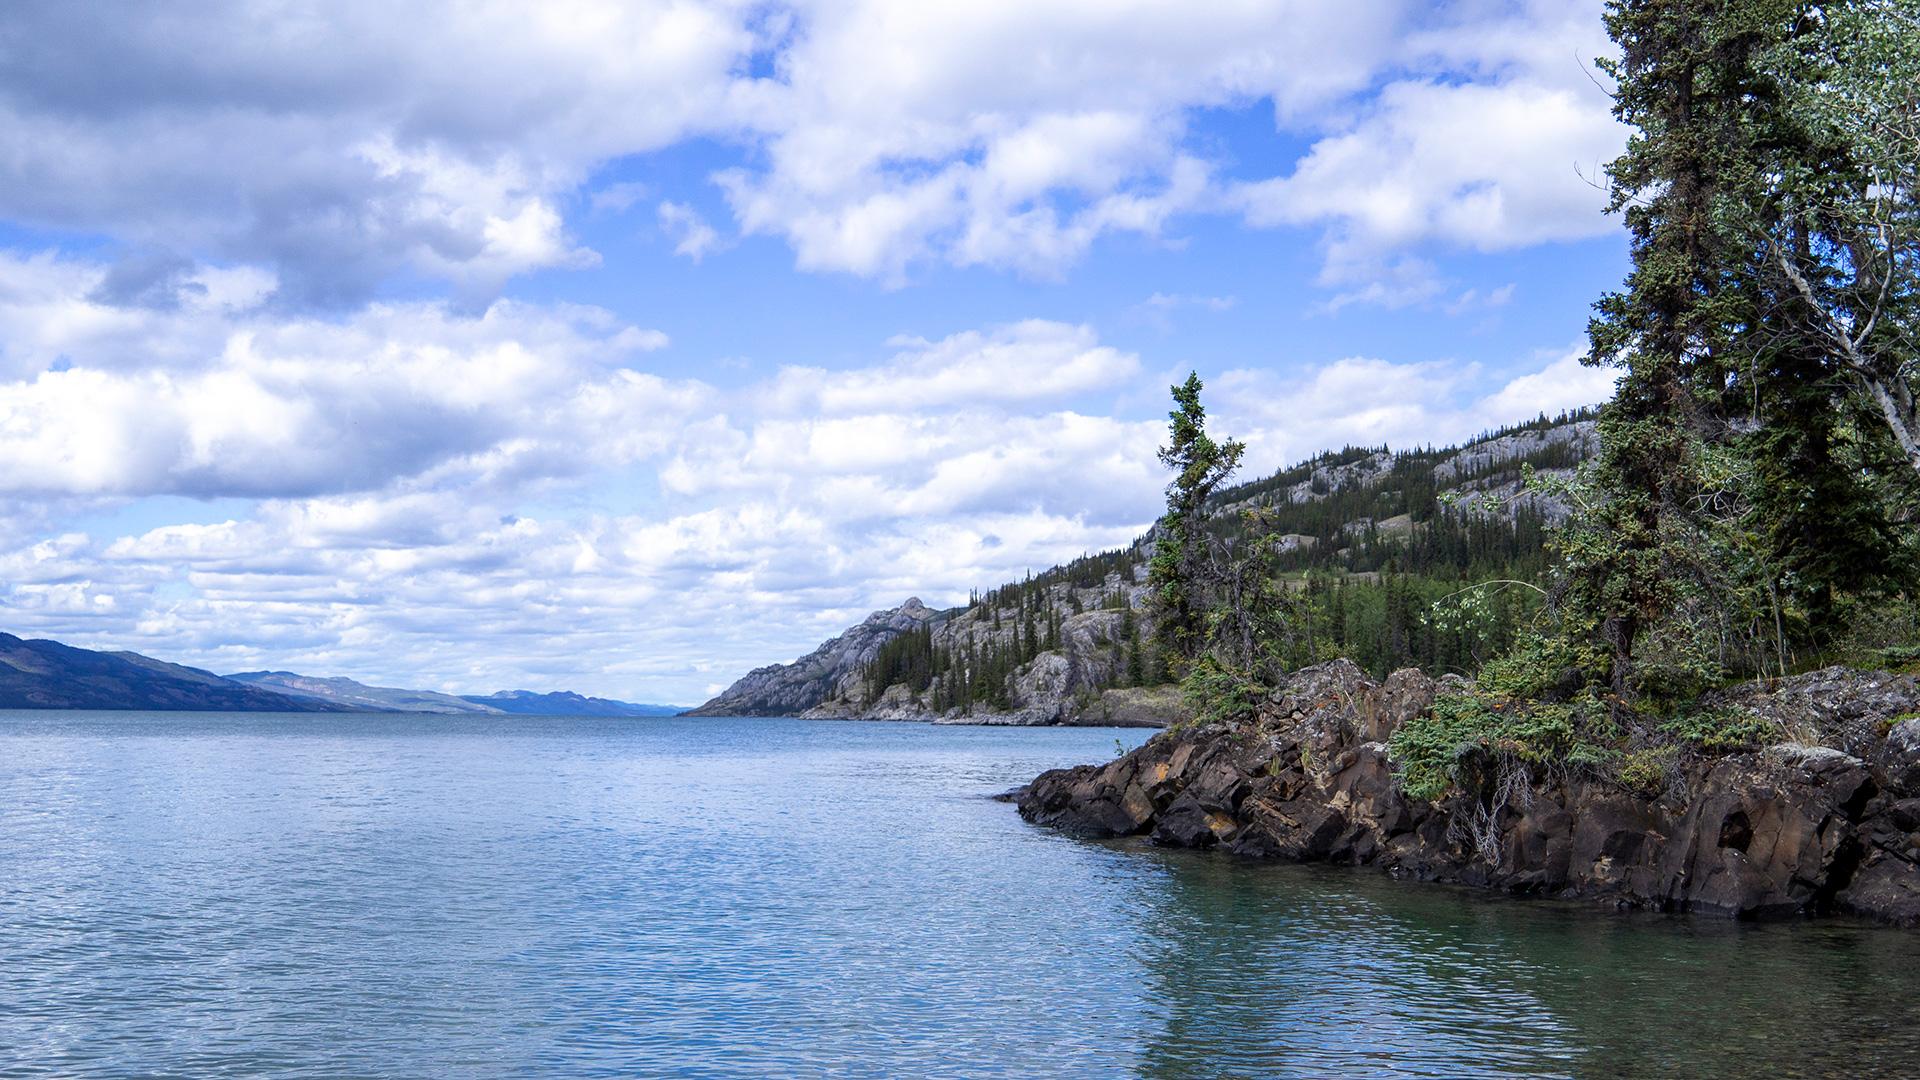 Canoeing on Lake Laberge